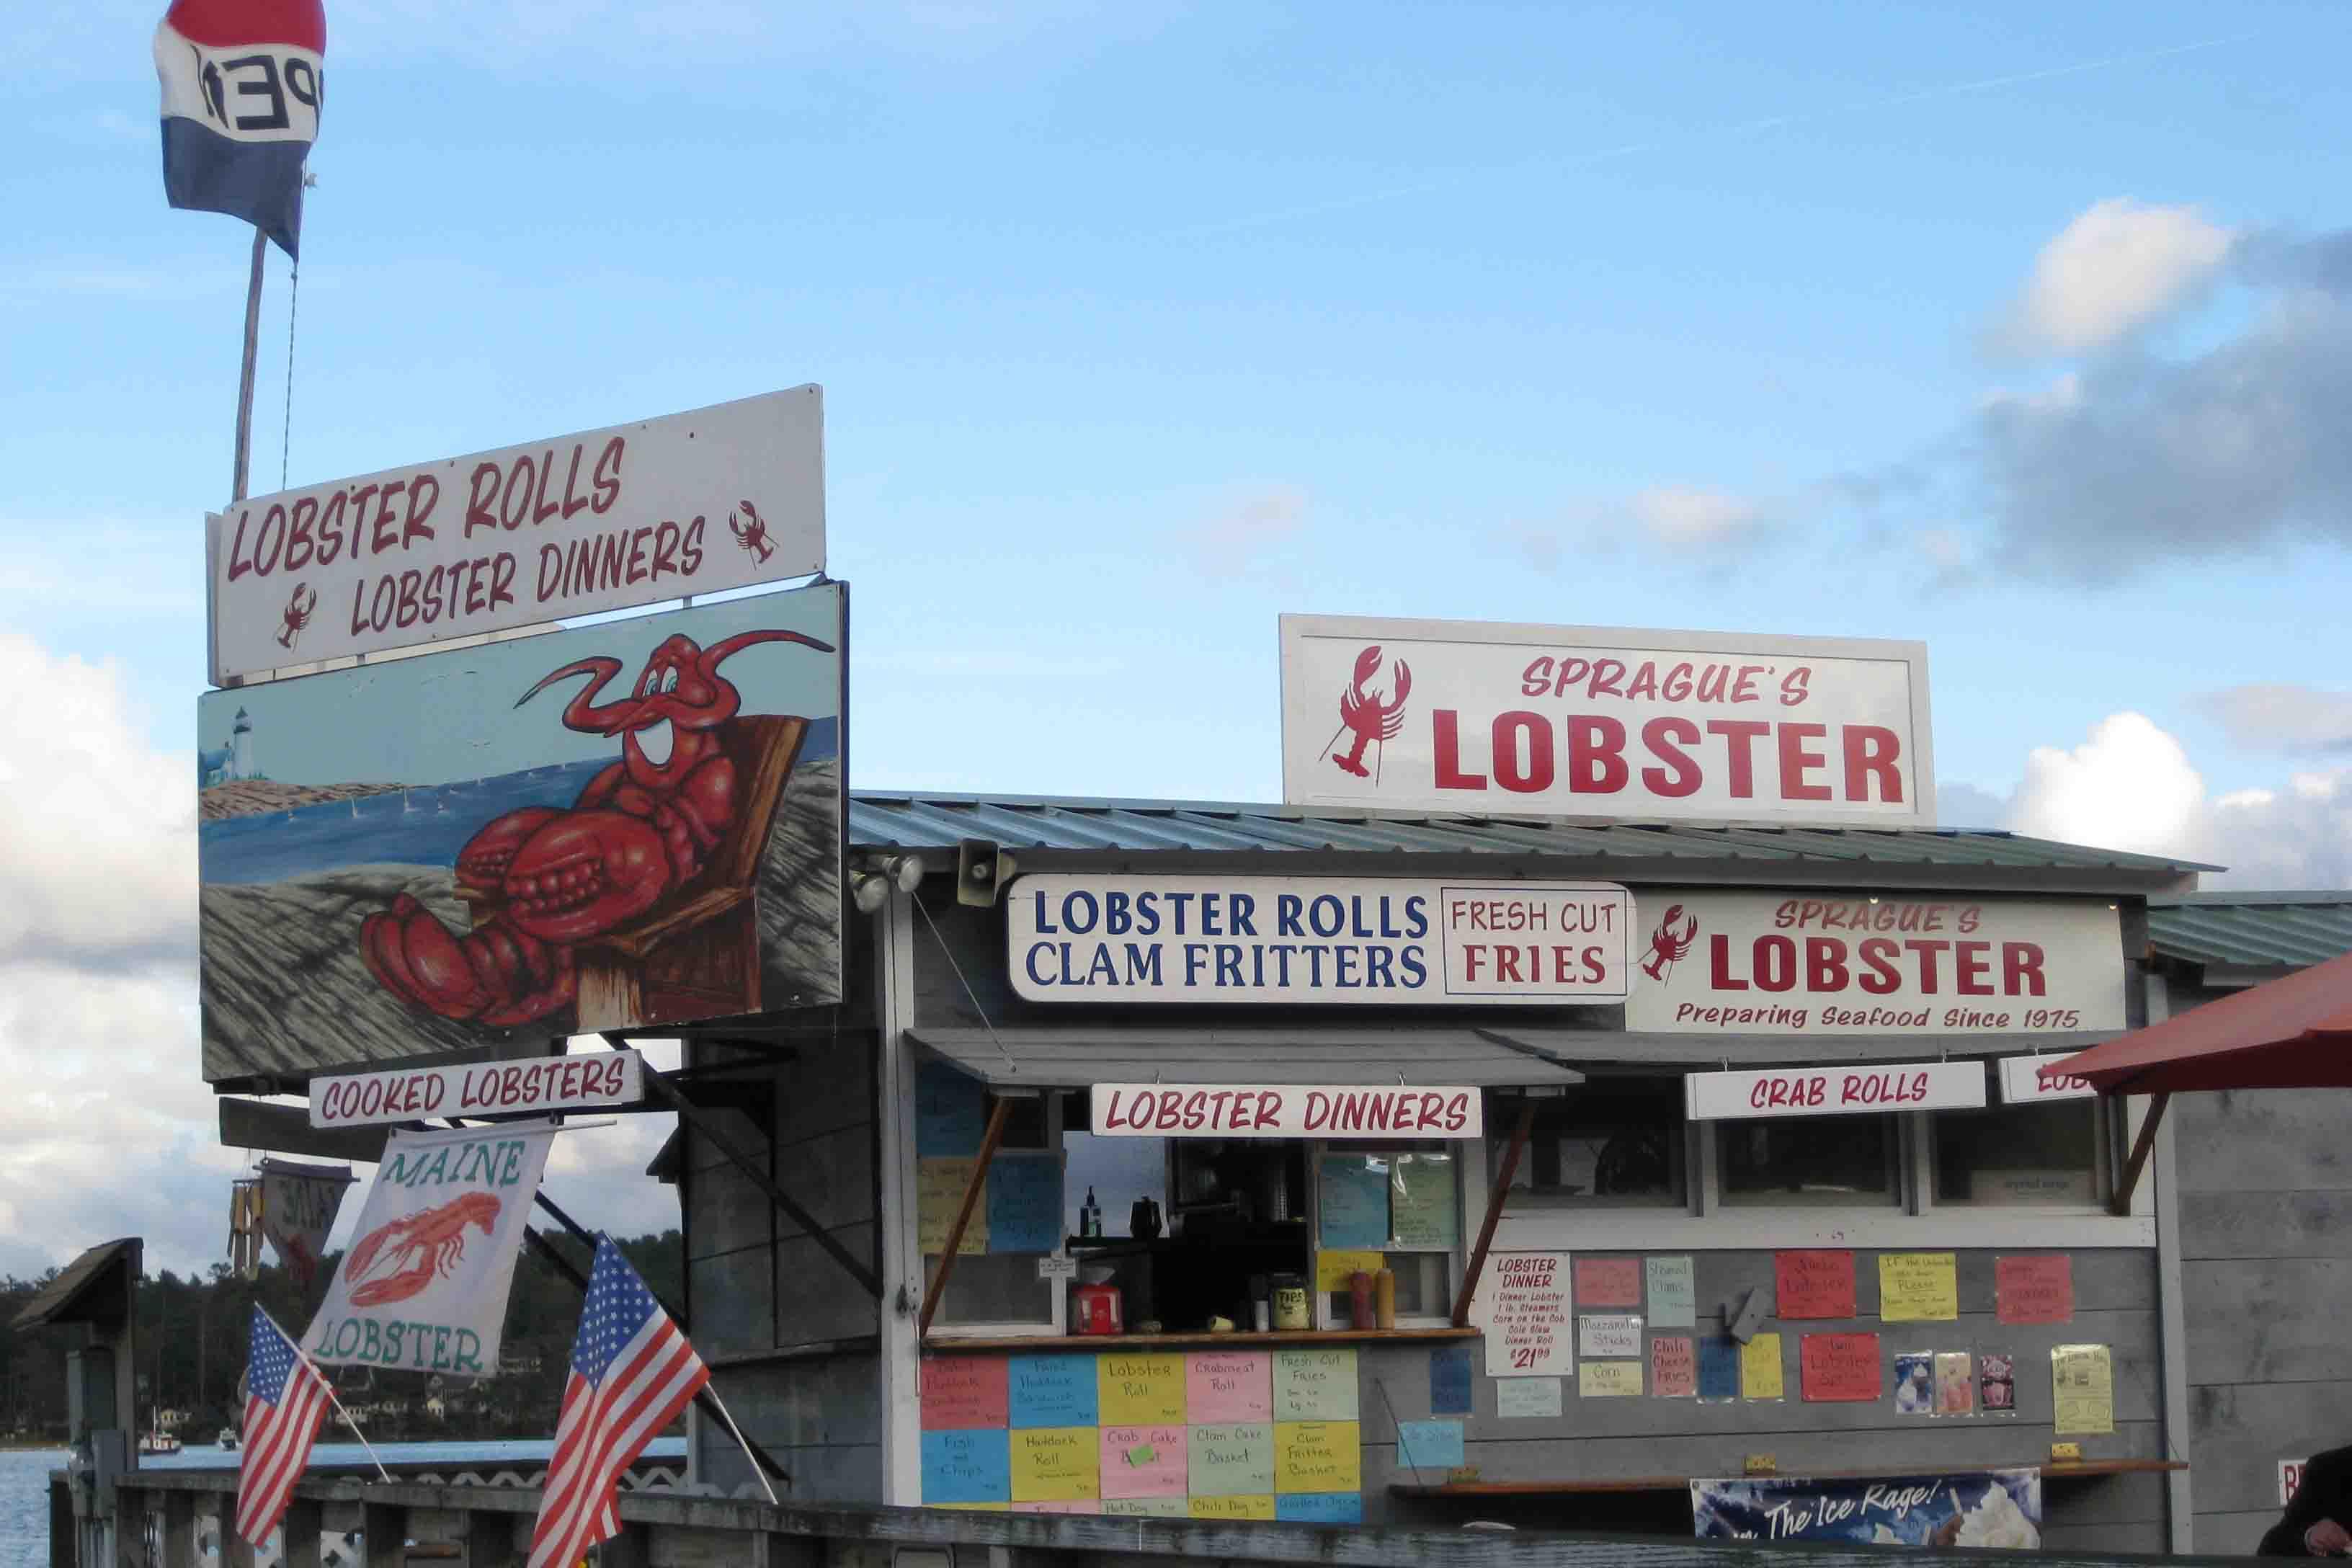 Sprague's Lobster in maine